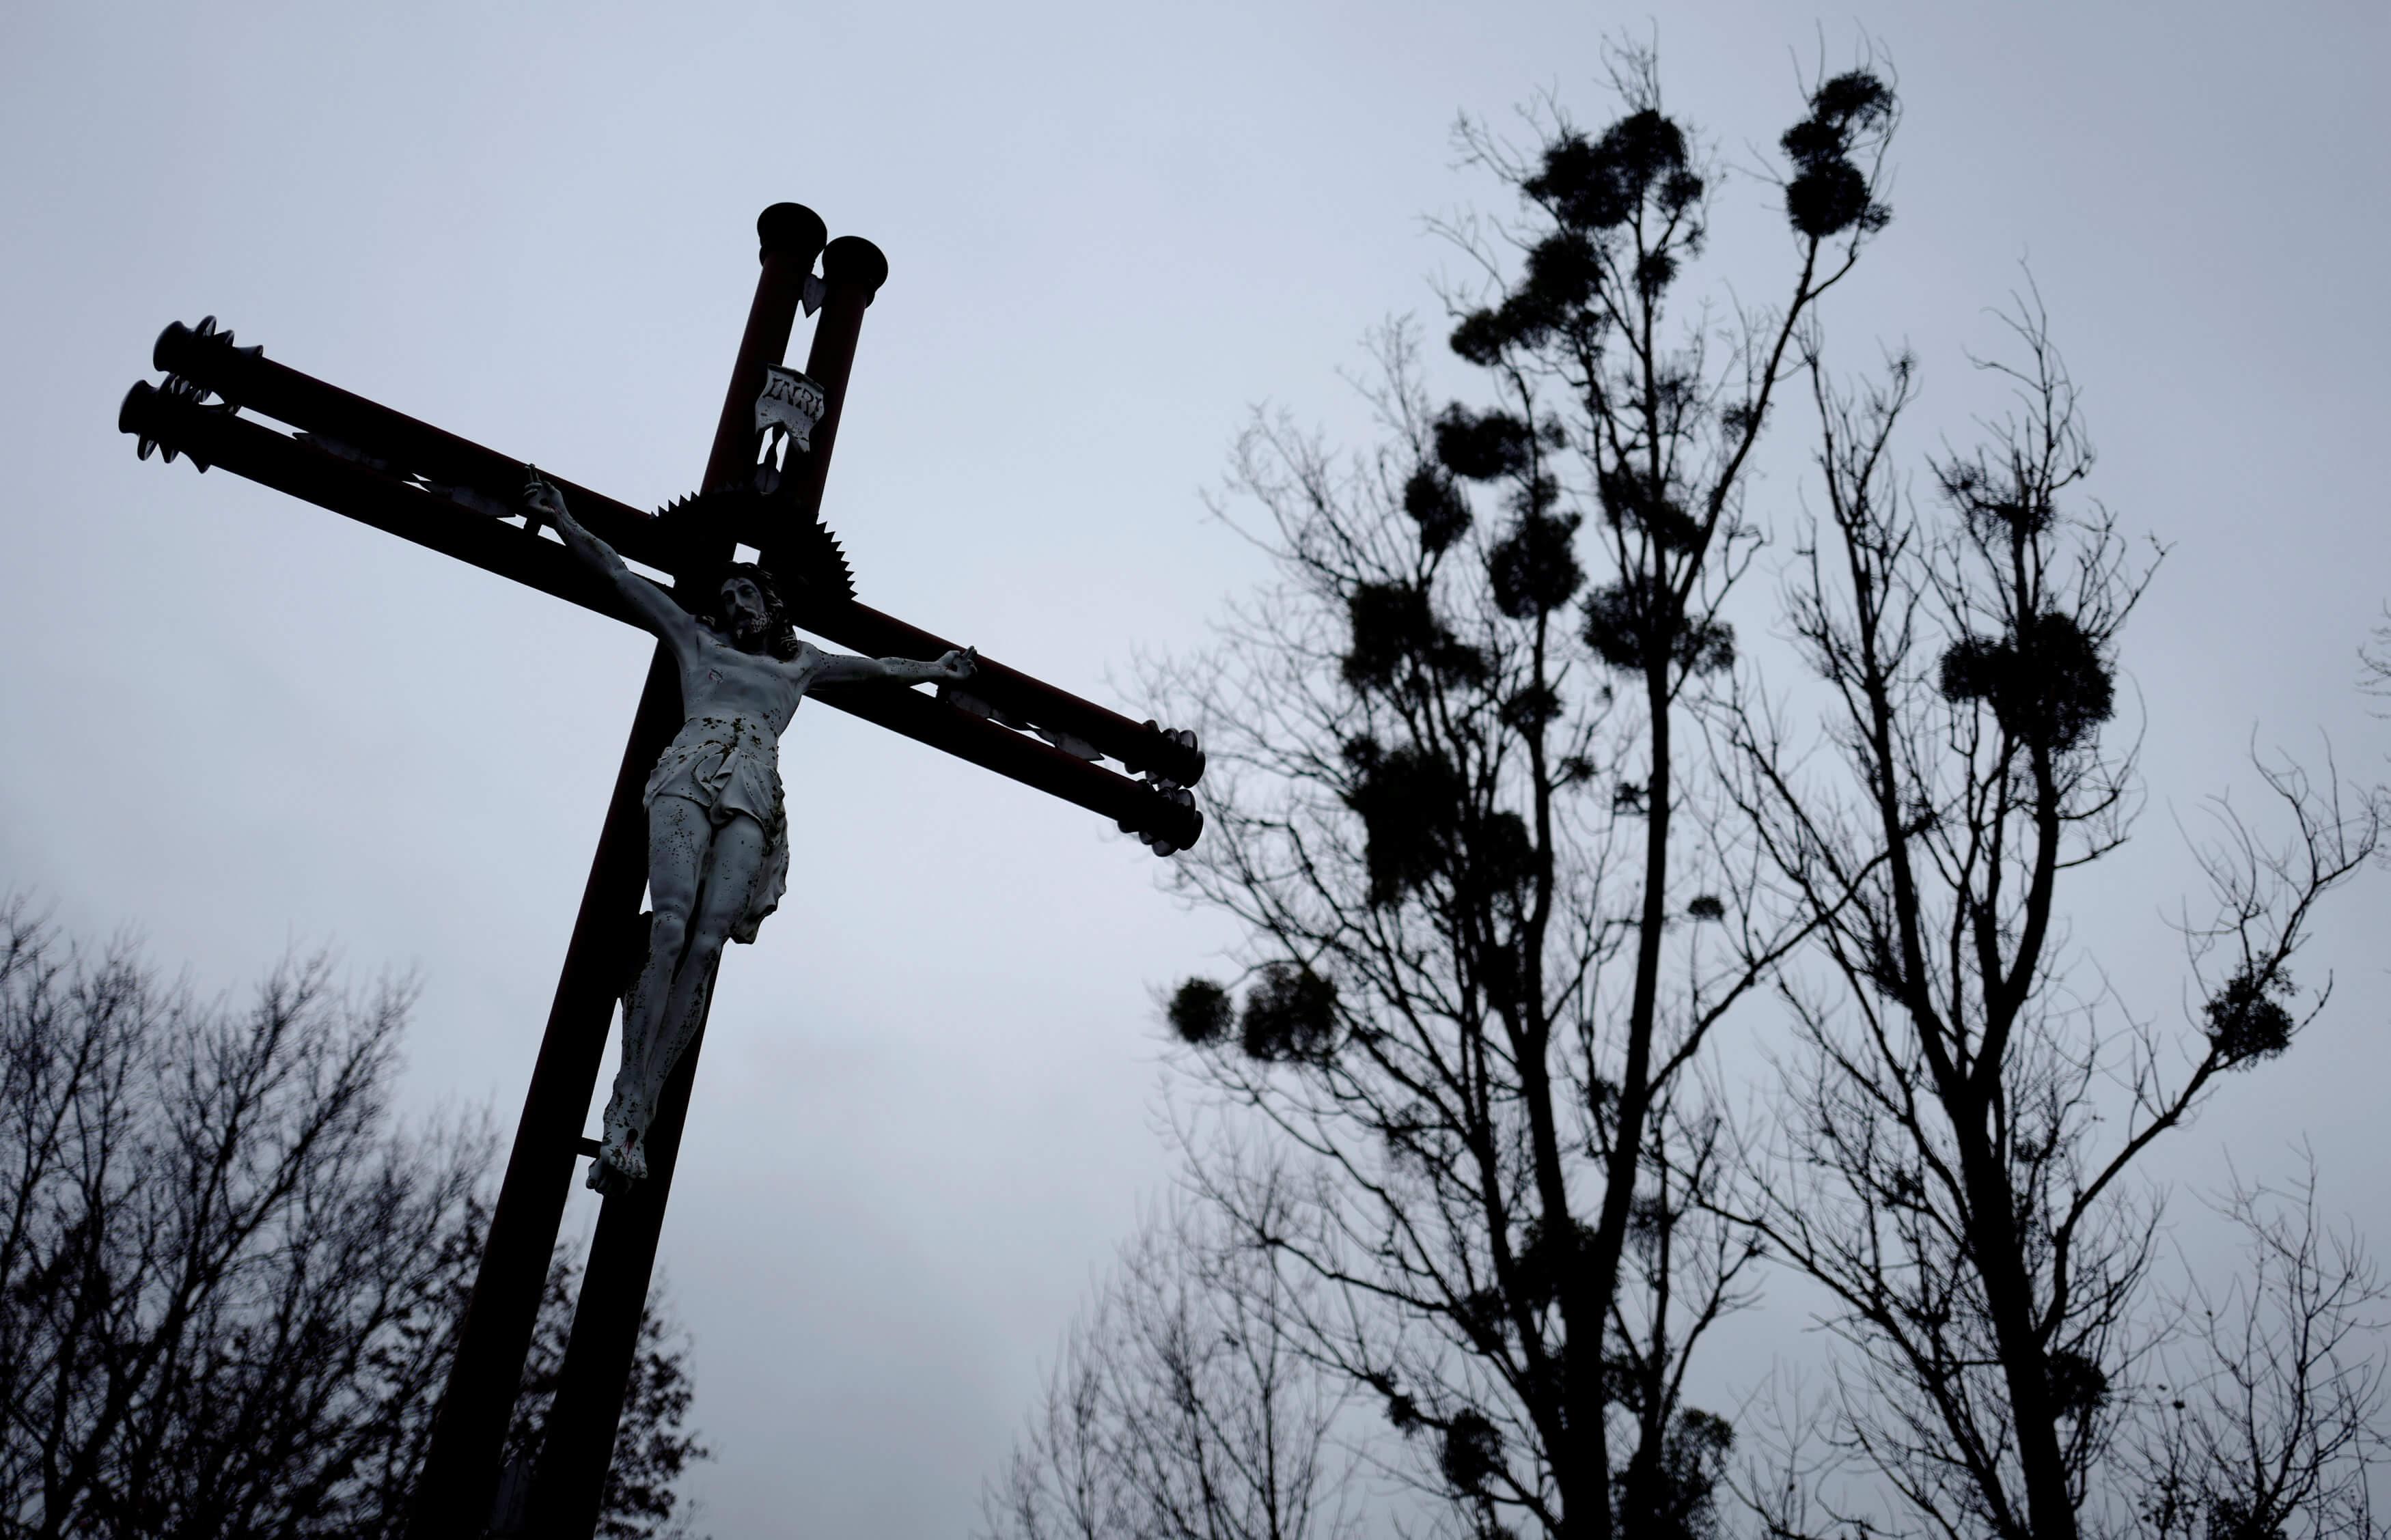 Πολωνία: Το σεξουαλική σκάνδαλο με ιερείς ρίχνει στα τάρταρα τα ποσοστά της κυβέρνησης